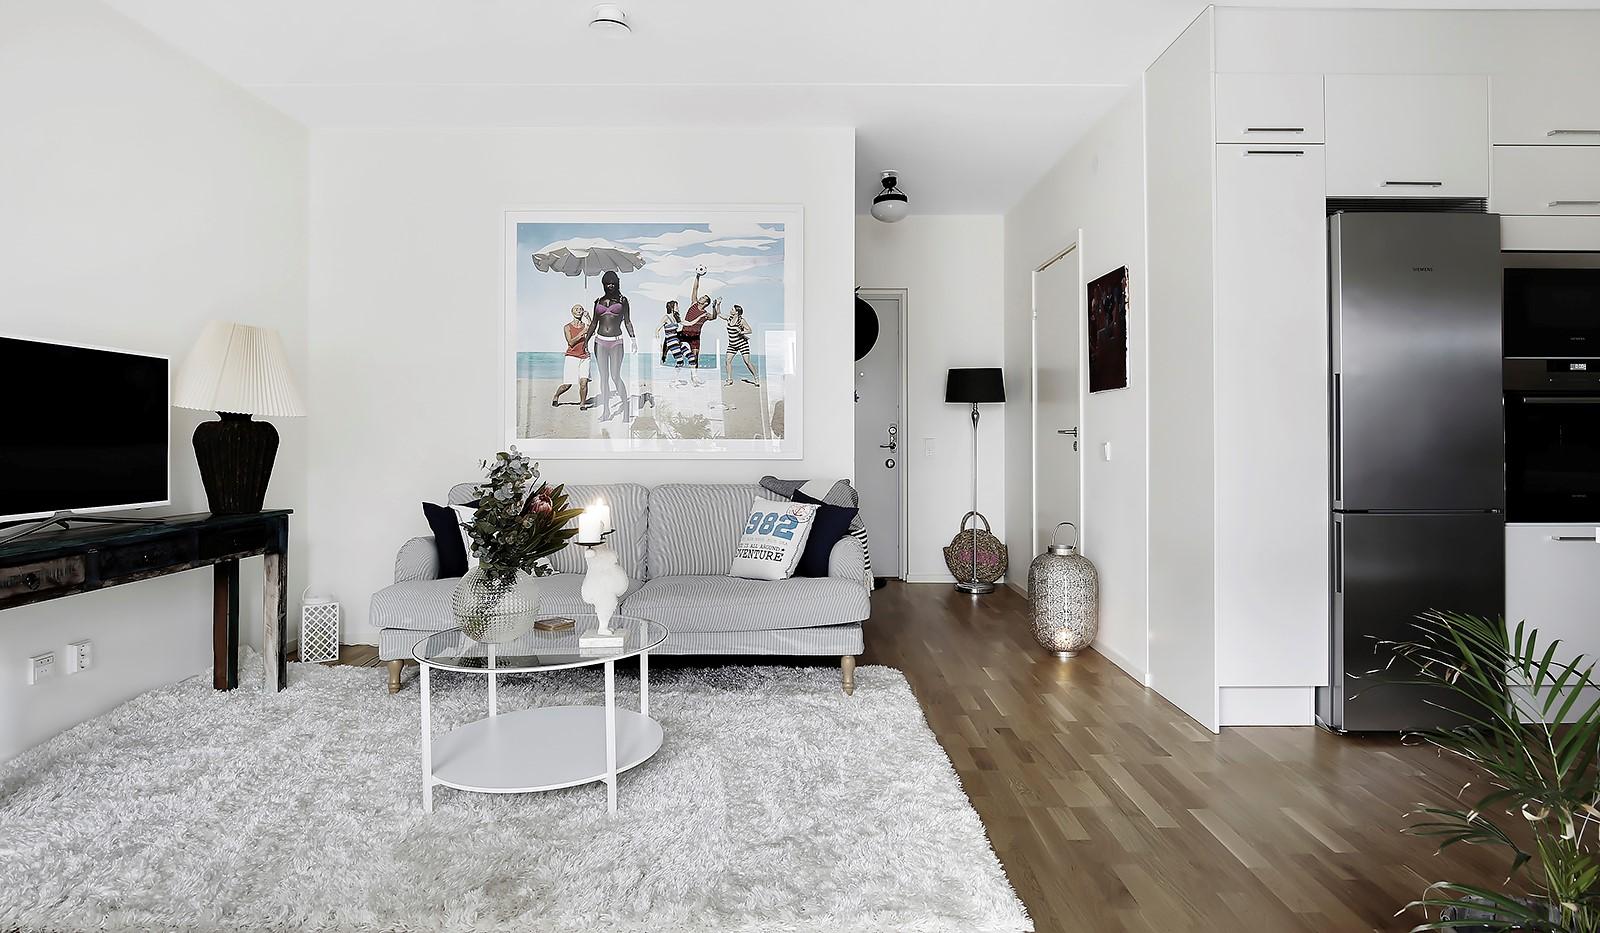 Fredriksdalsgatan 24, vån 6 - Kvadratsmart planlösning som utnyttjar lägenheten till fullo